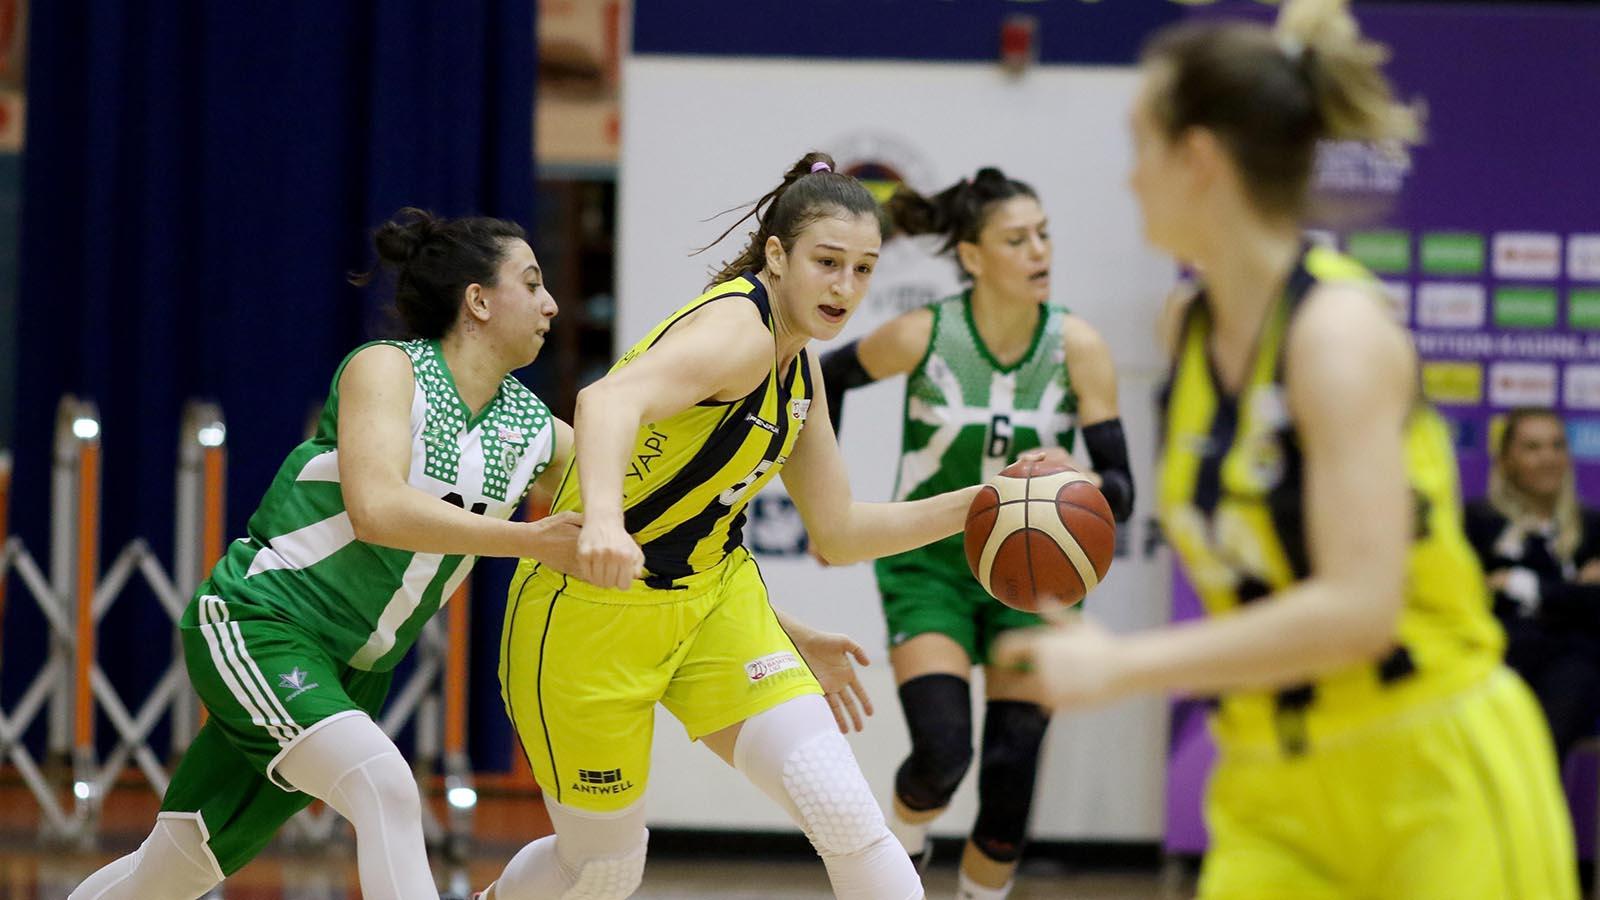 Fenerbahçe Gelişim 74-64 Urla Belediyesi